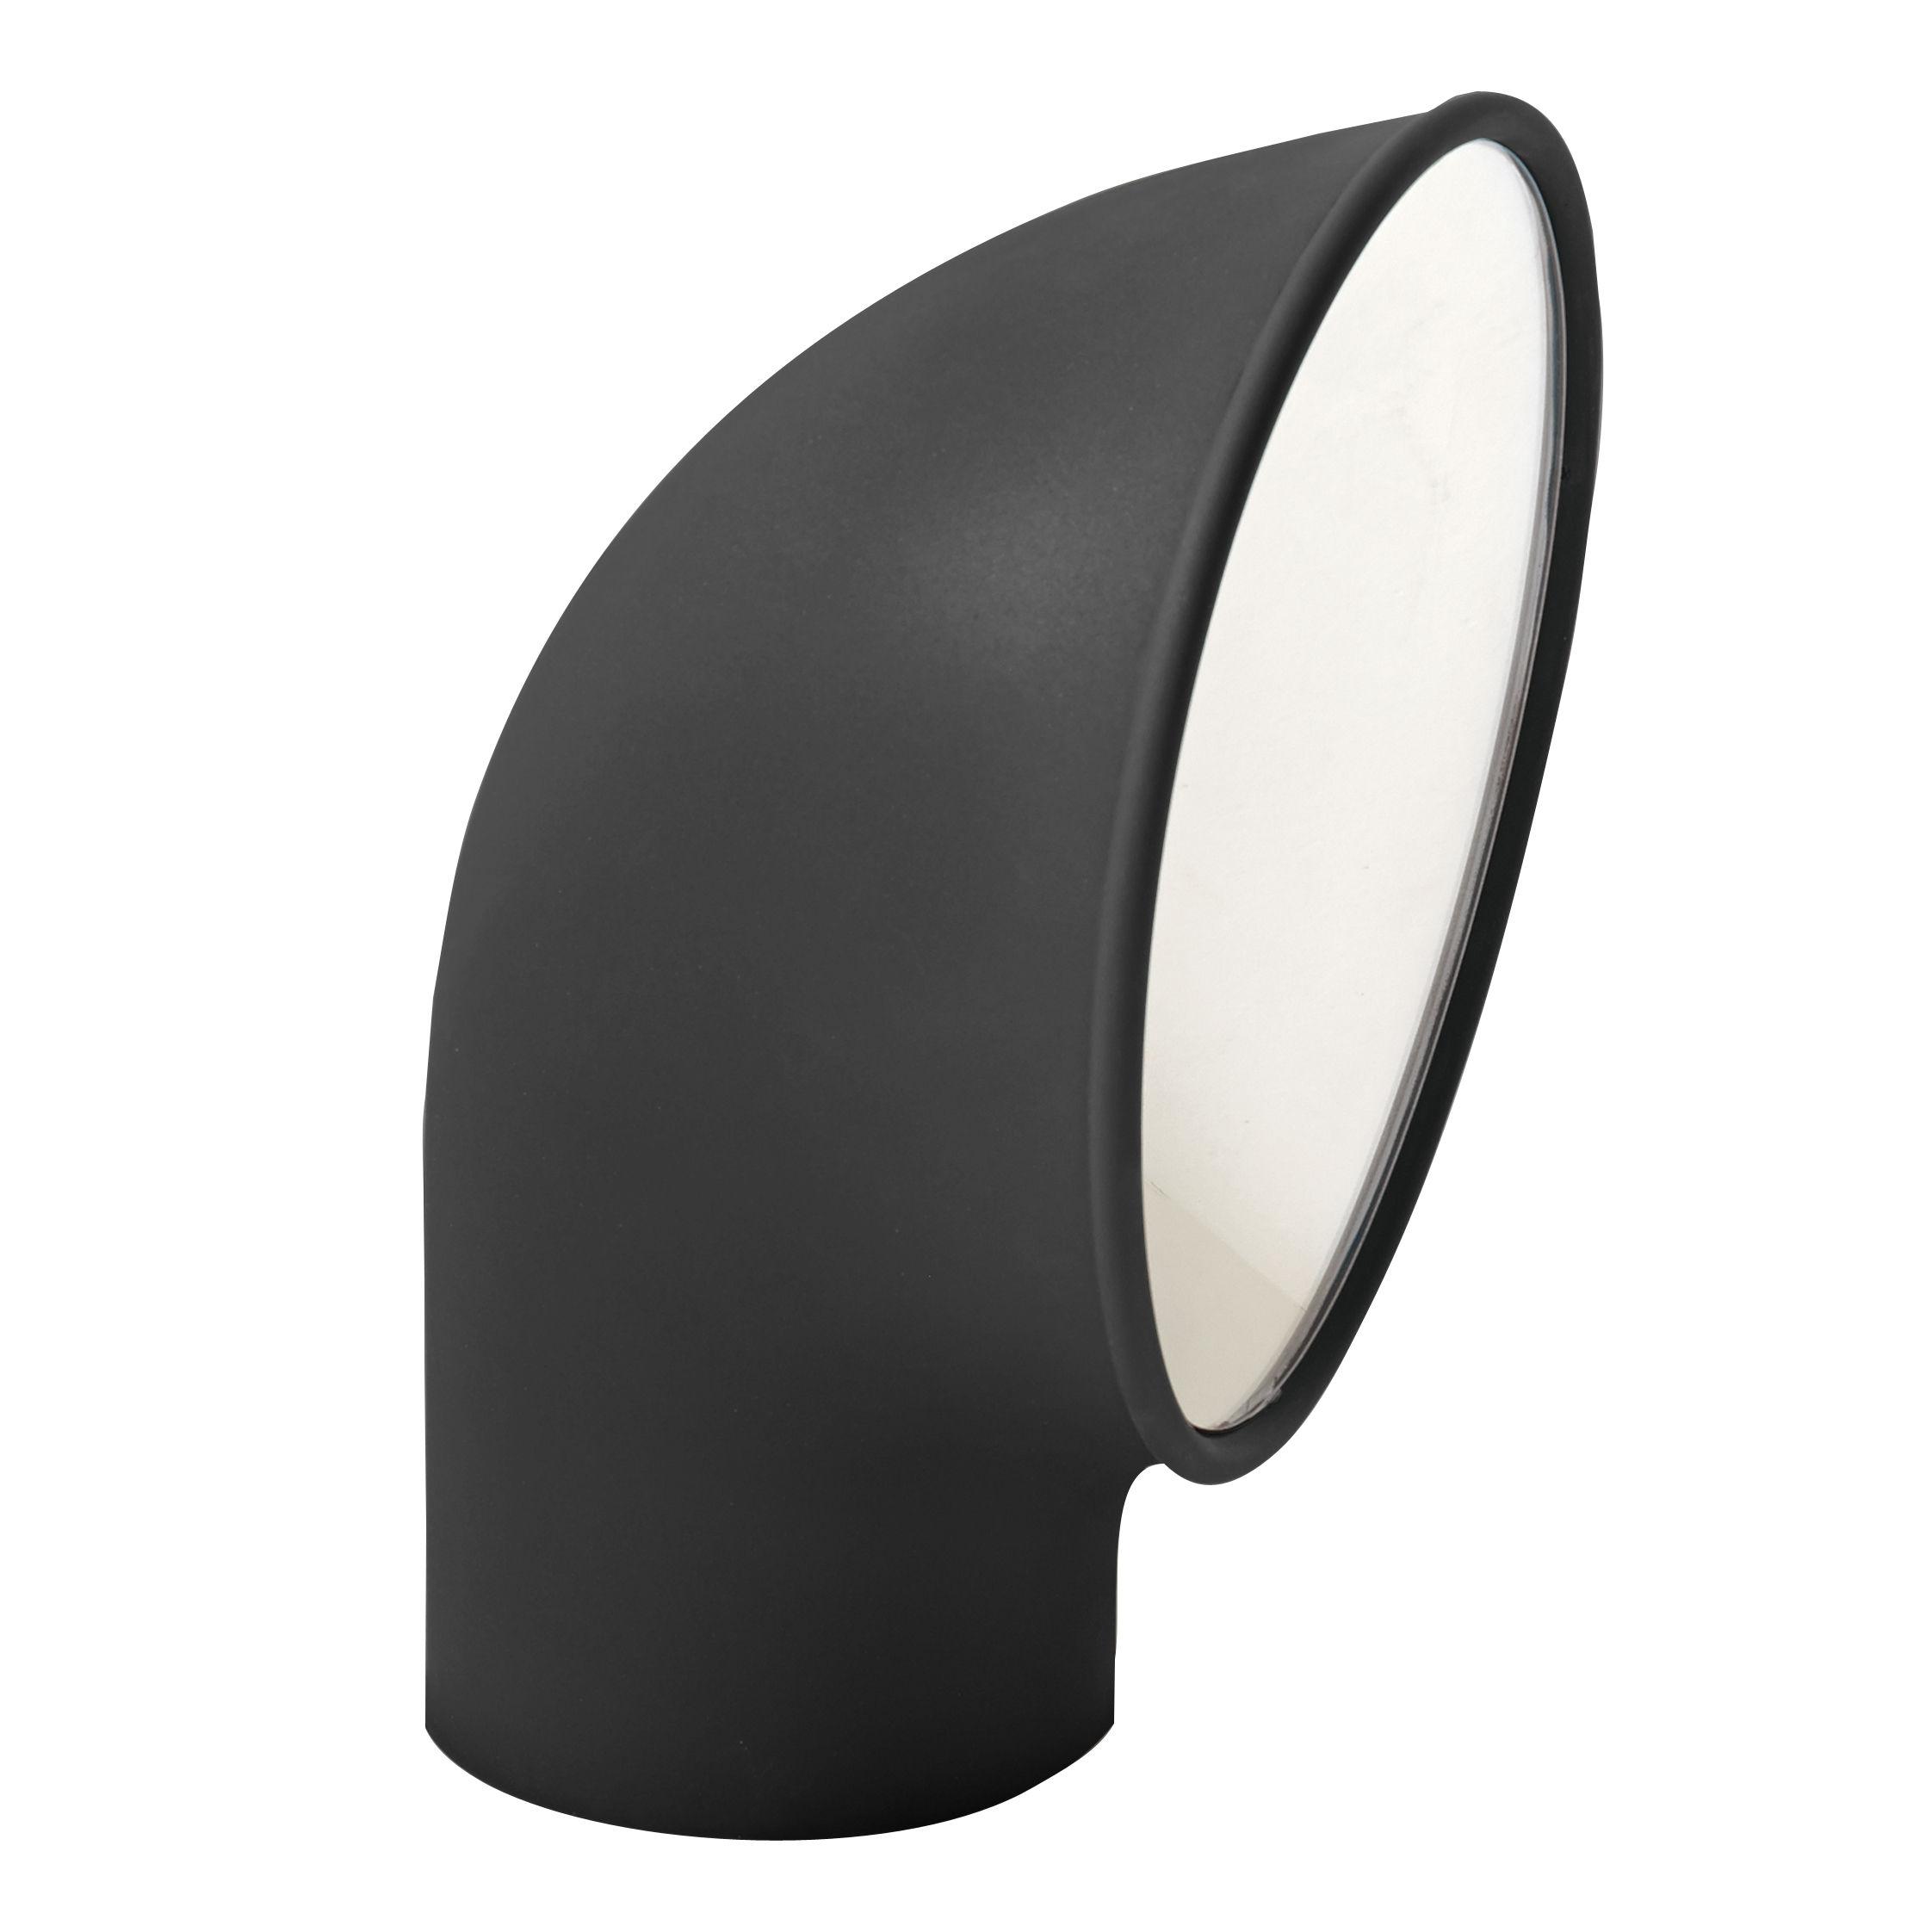 Luminaire - Luminaires d'extérieur - Borne d'éclairage Piroscafo / LED - H 37 cm - Artemide - Gris - Fonte d'aluminium, Polycarbonate